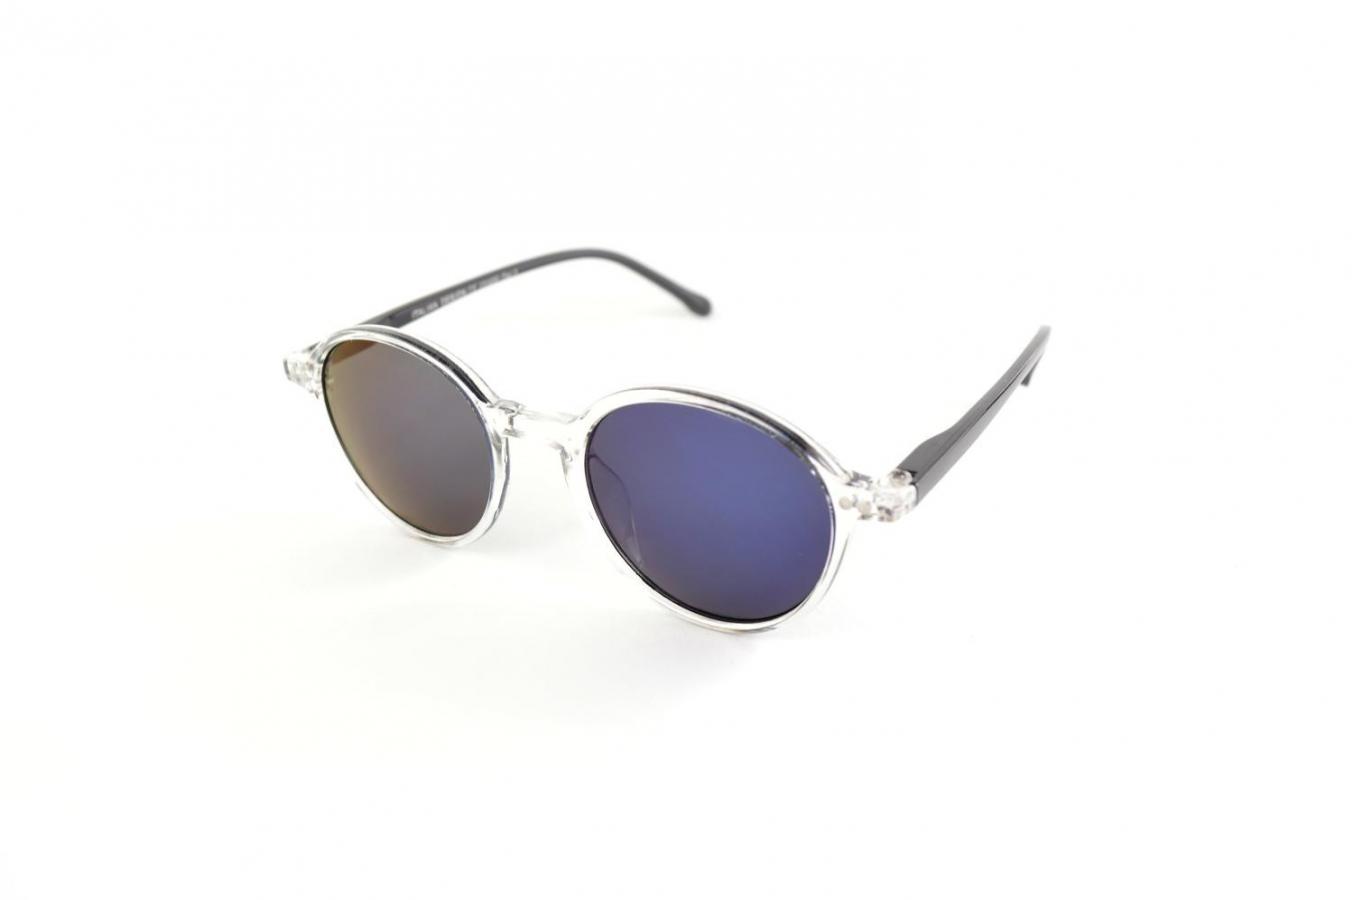 Lunettes de soleil ronde bicolore miroir k eyes - Miroir en forme de lunette ...